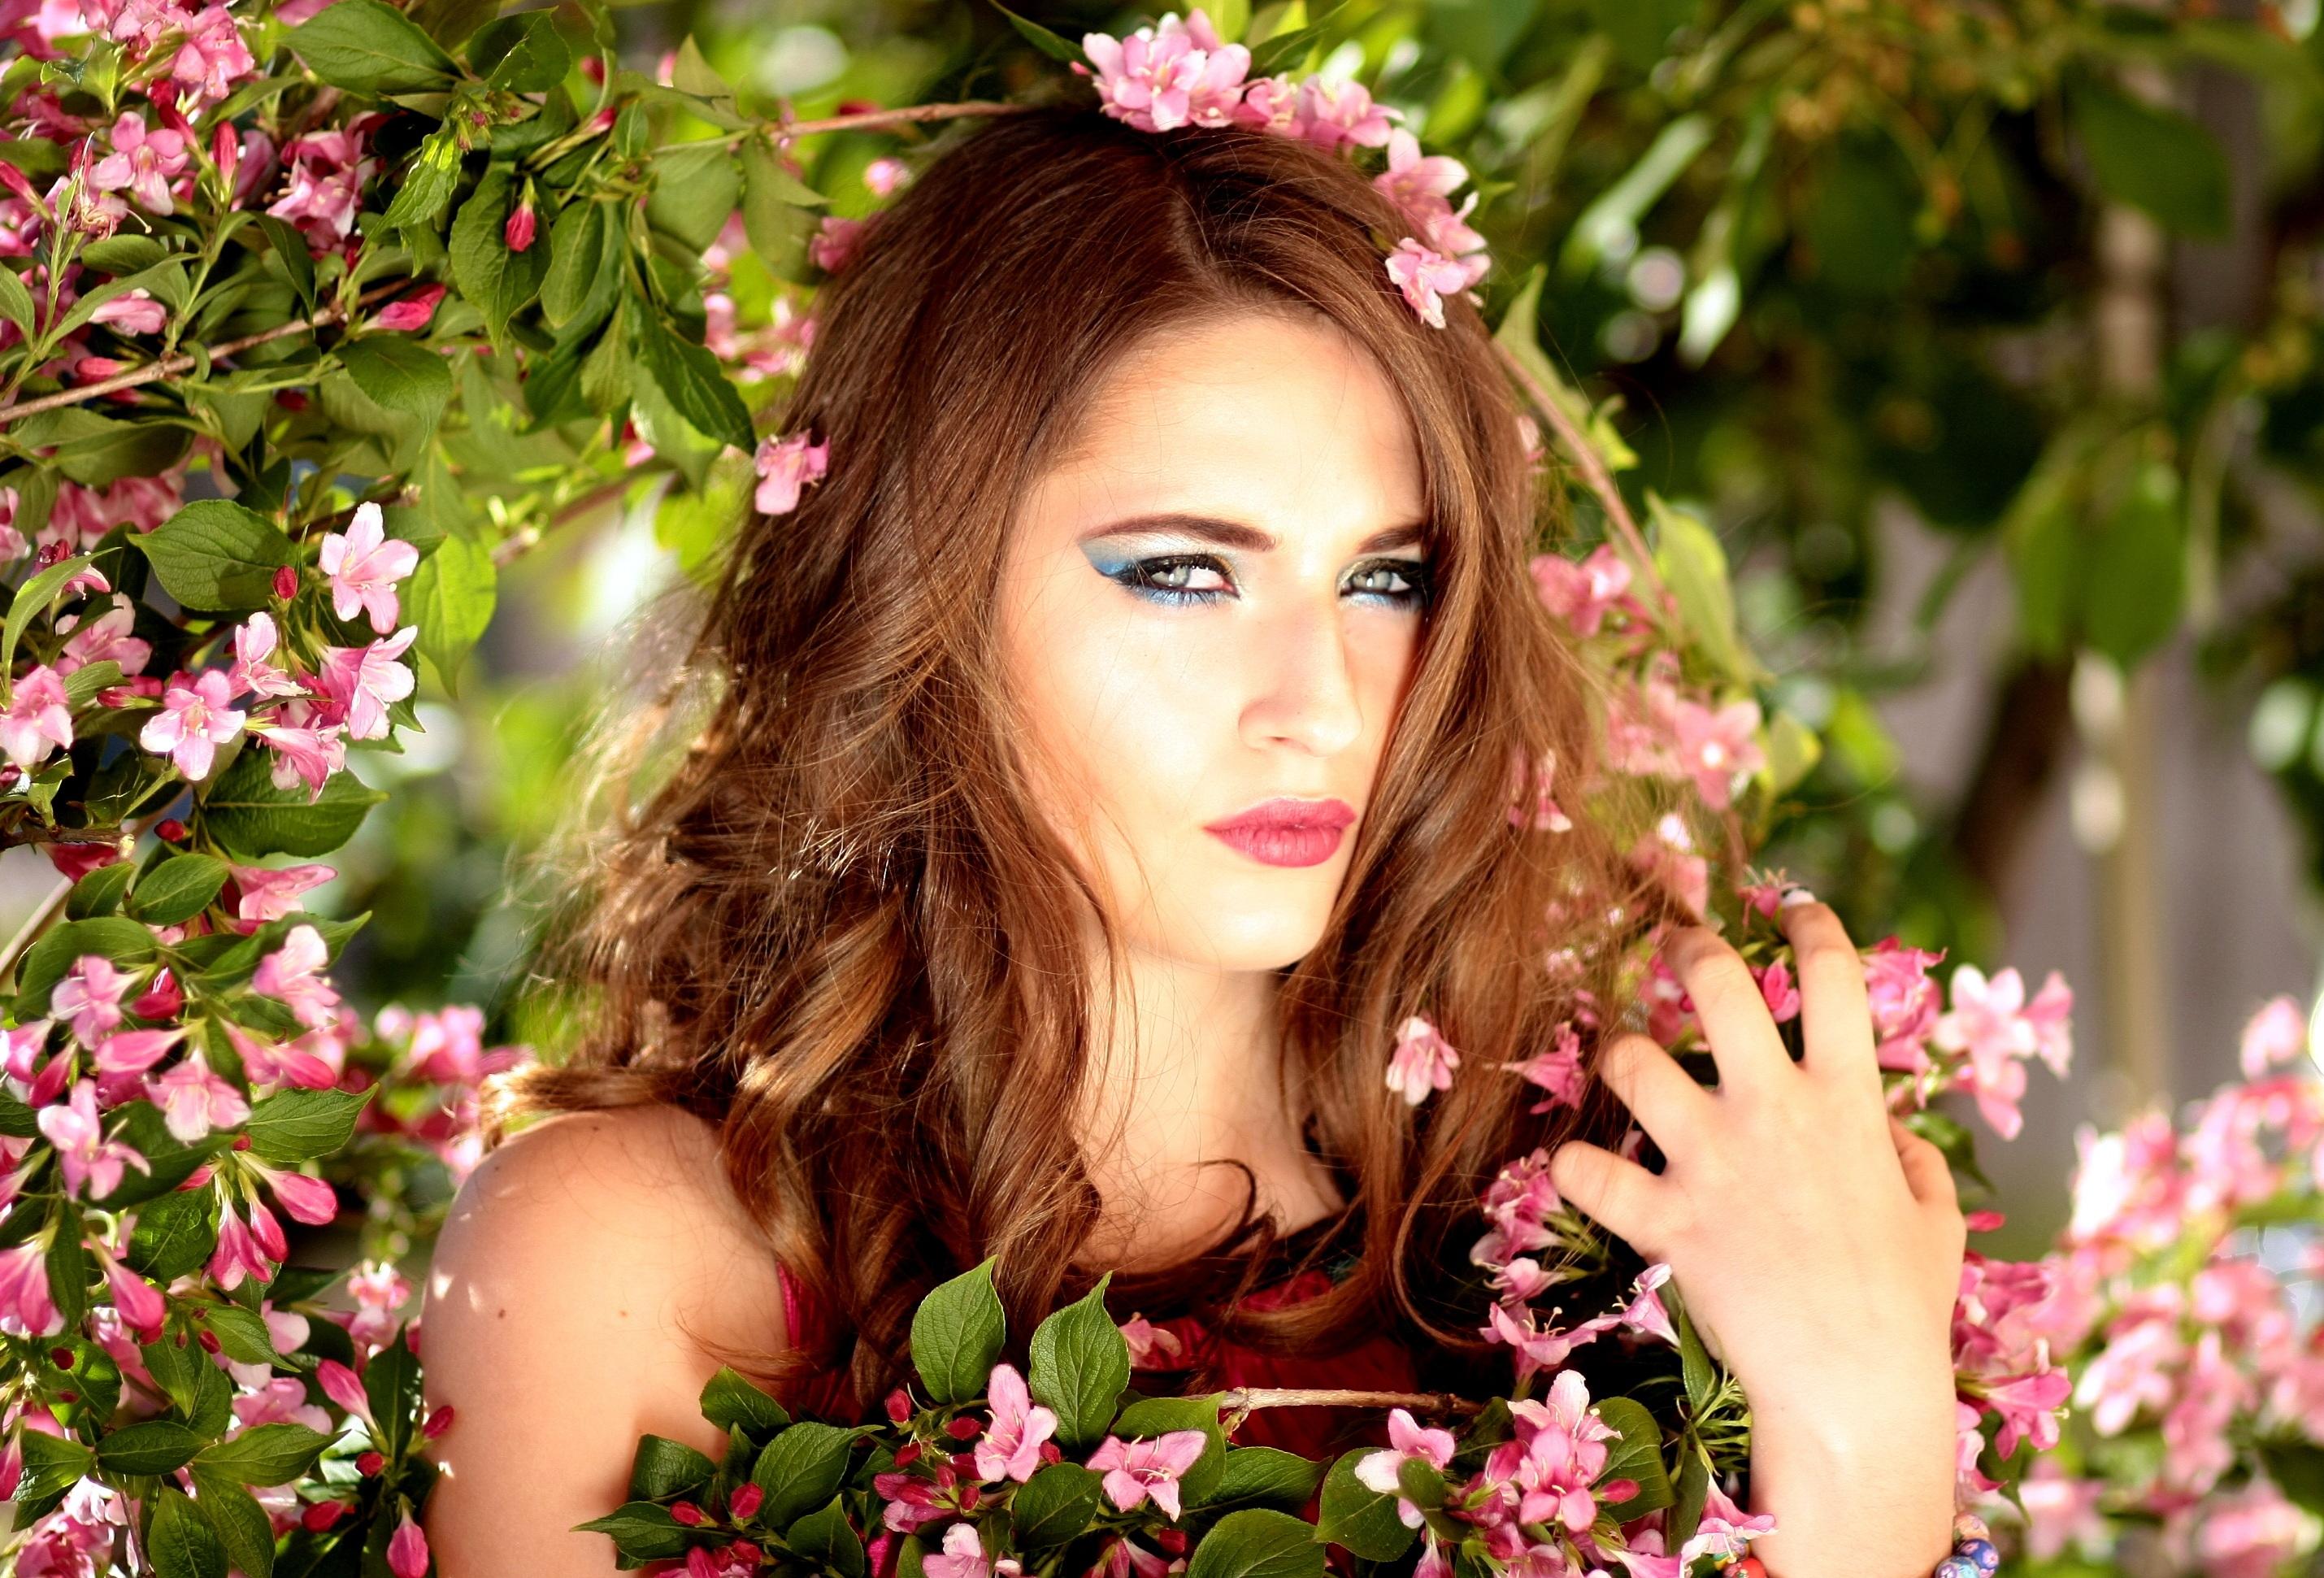 Девушка с цветами фотки